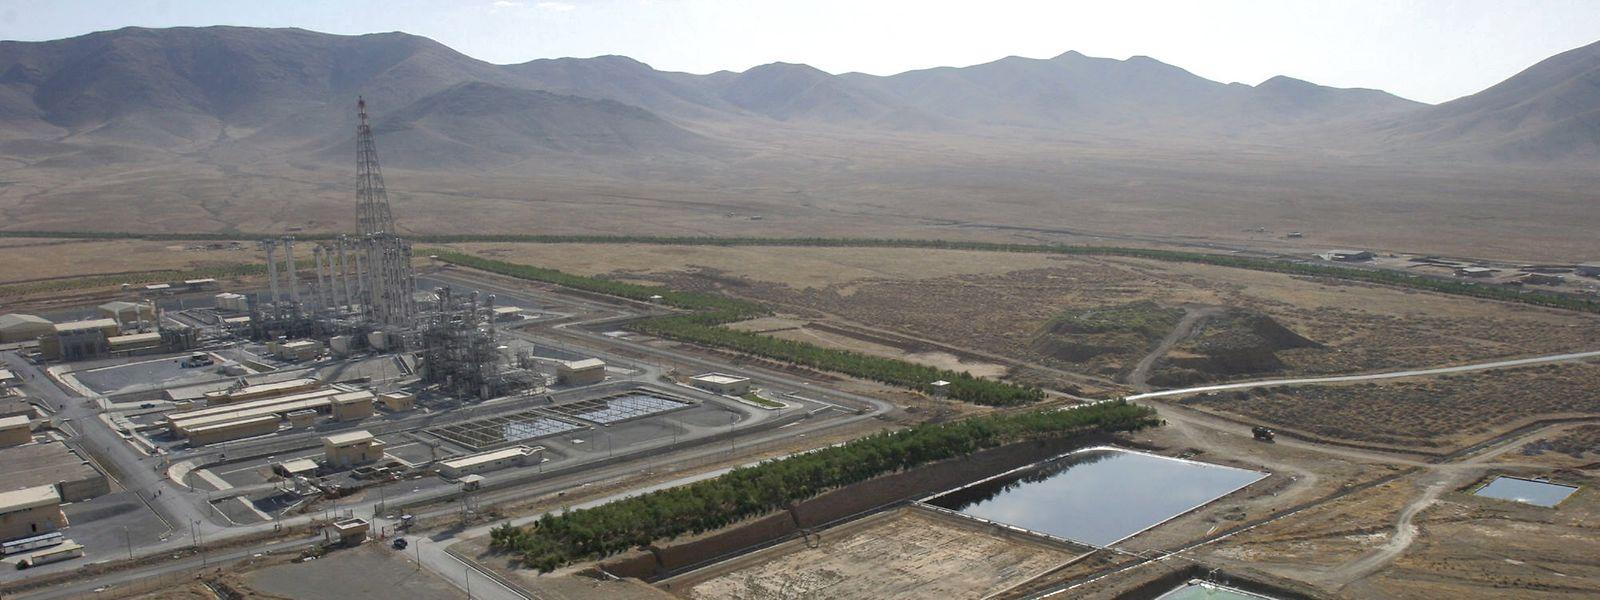 Iran könnte den Reaktor Arak zu einem Schwerwasserreaktor zurückbauen. Das würde die atomaren Kapazitäten des Landes erhöhen.